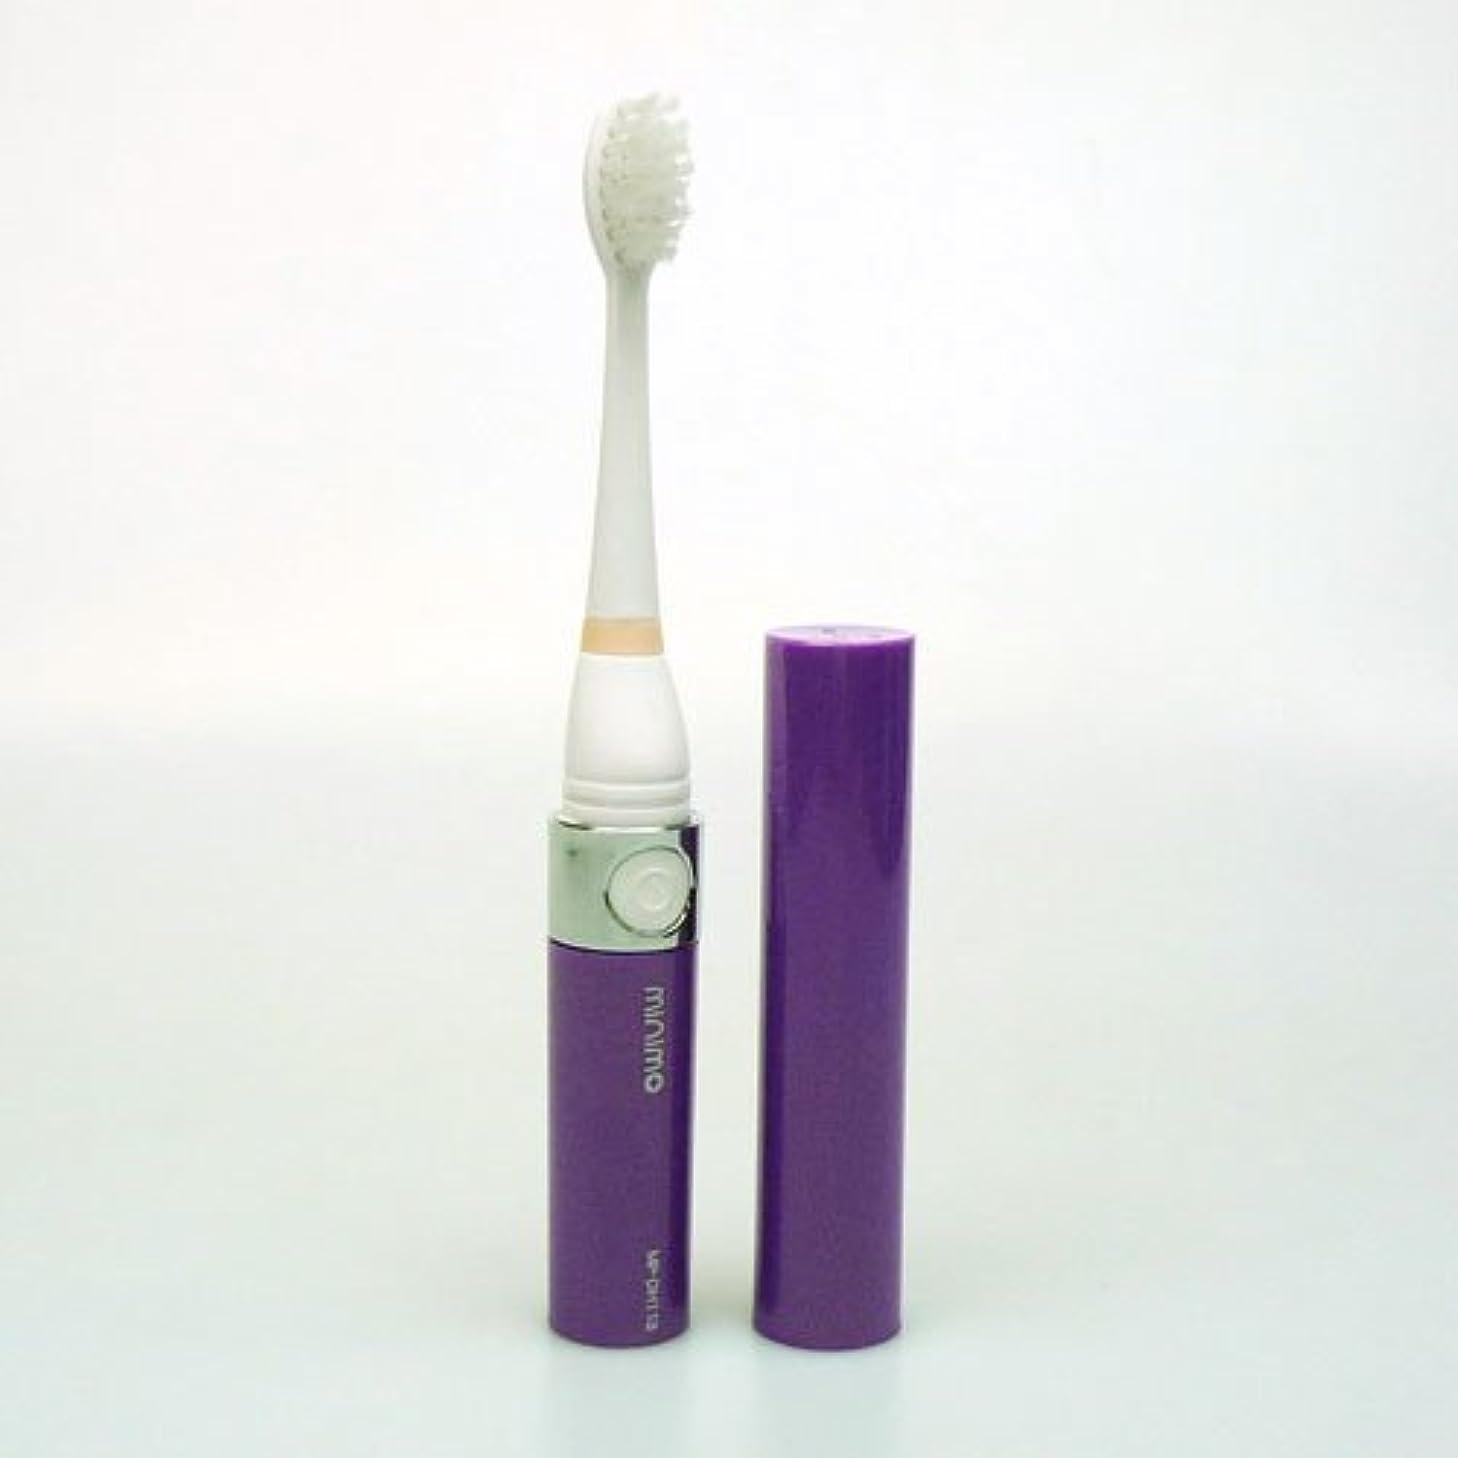 耕すエンジニアリング偏見maruman 音波振動歯ブラシ minimo パープル MP-DH118PU